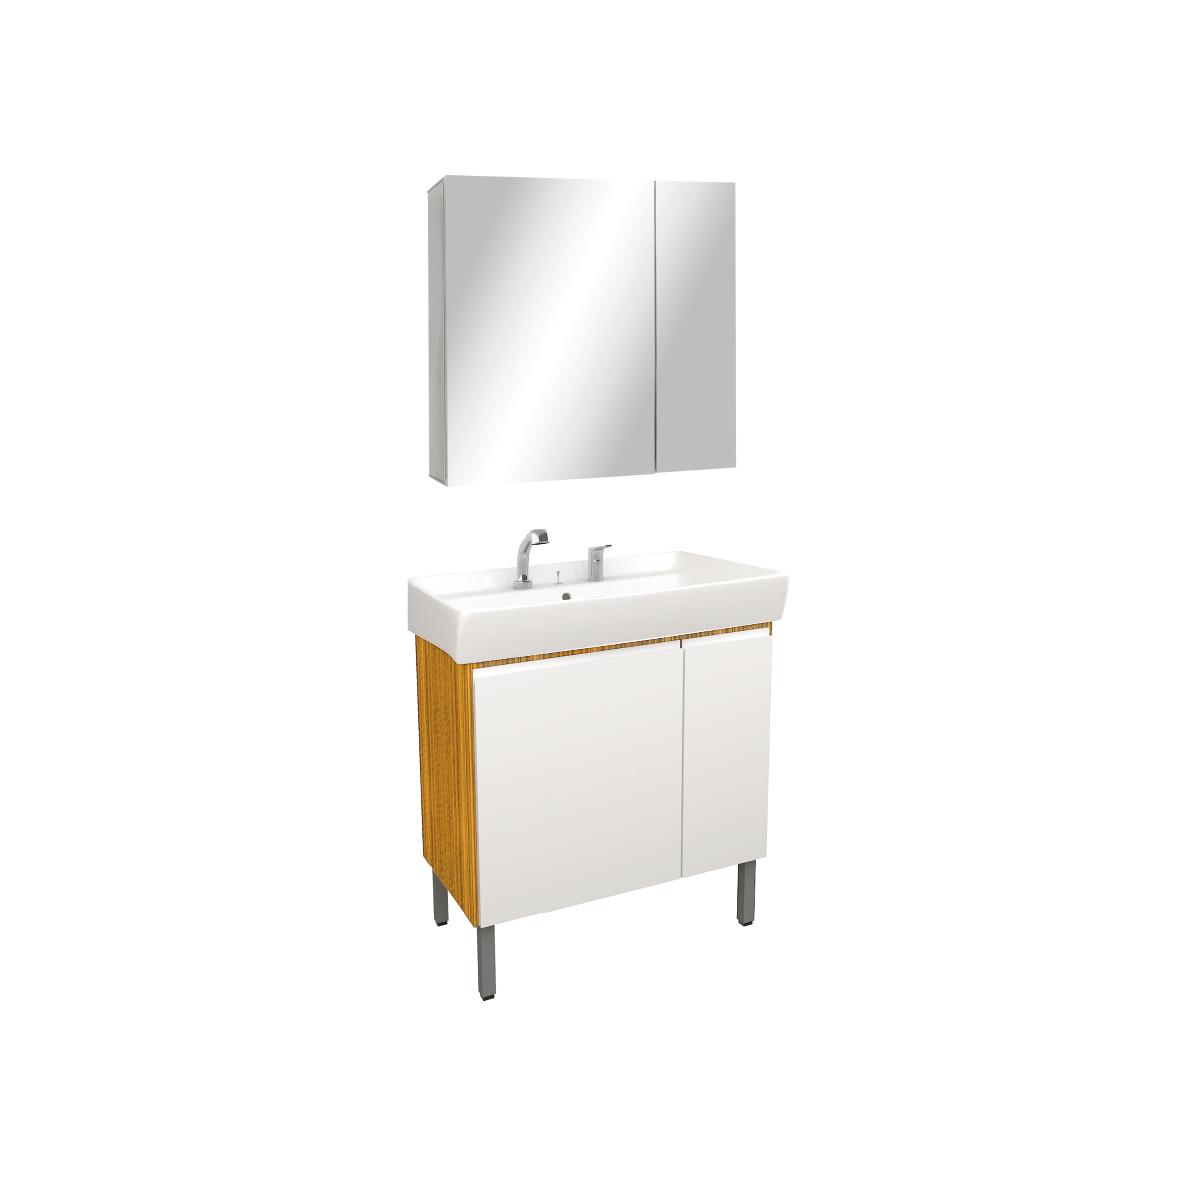 美标 新摩登系列落地式浴室柜750